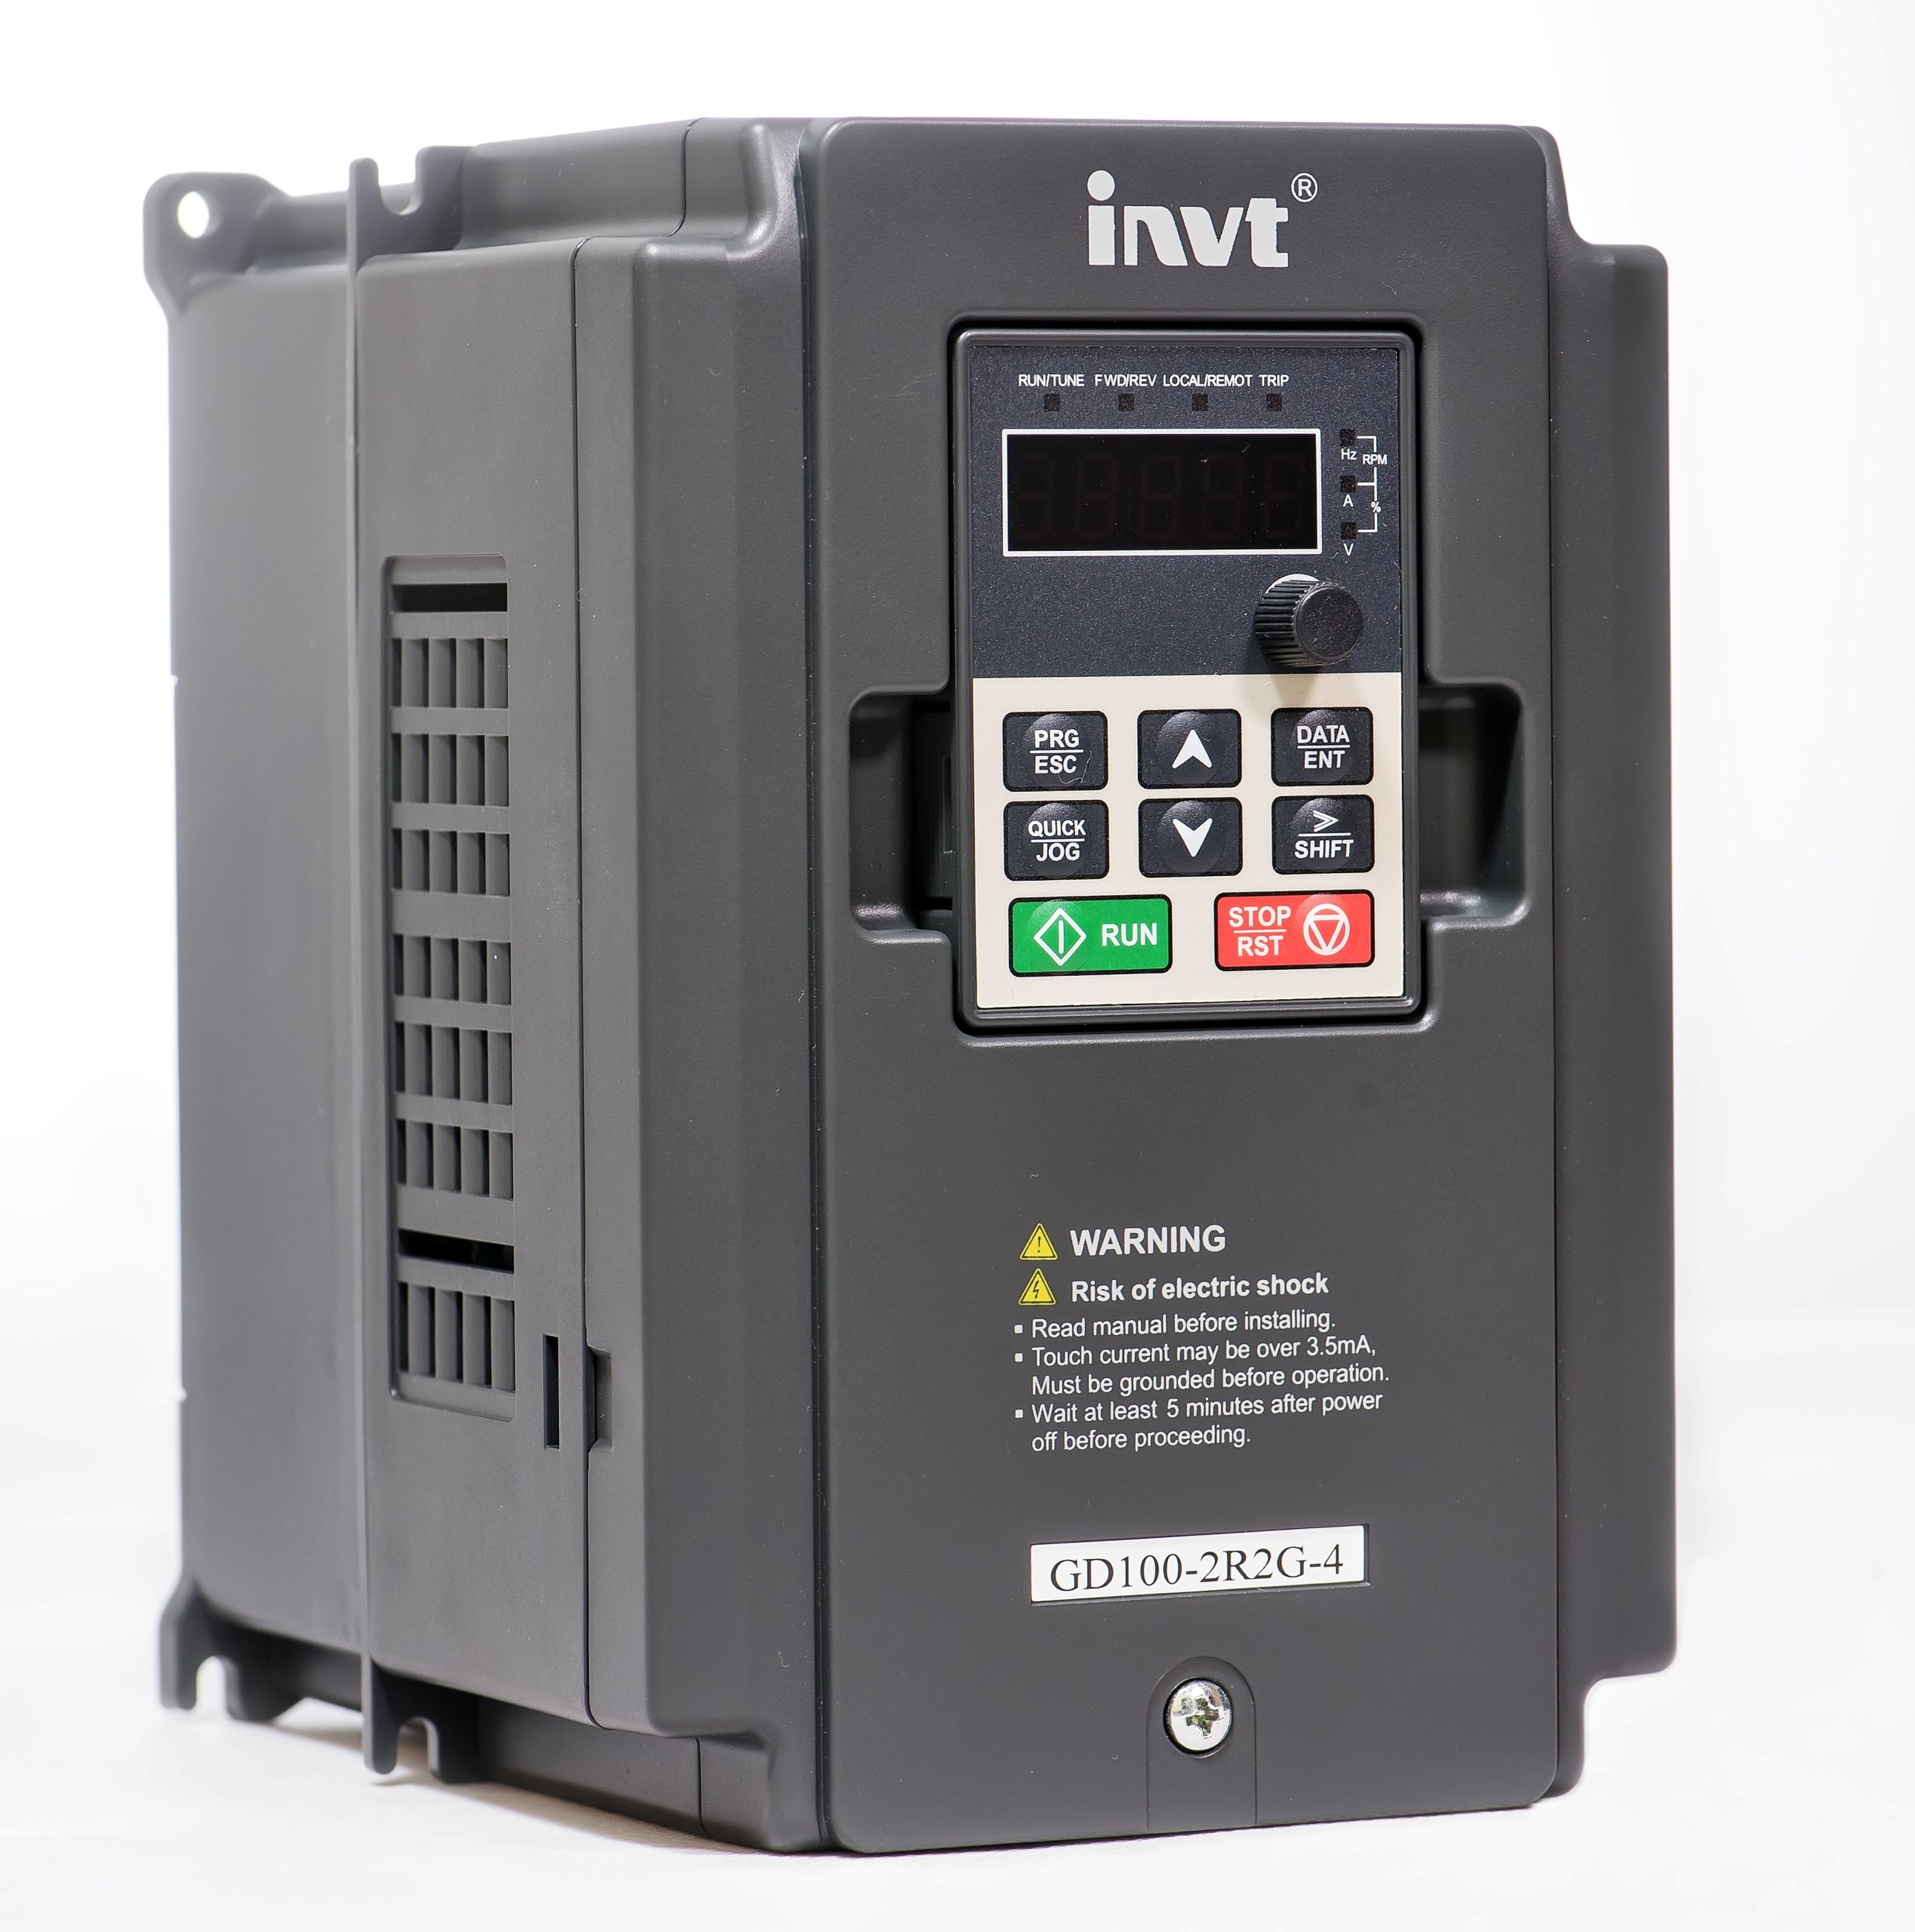 Falownik 4kW INVT GD20-004G-4-EU wektor Gwar 2lata